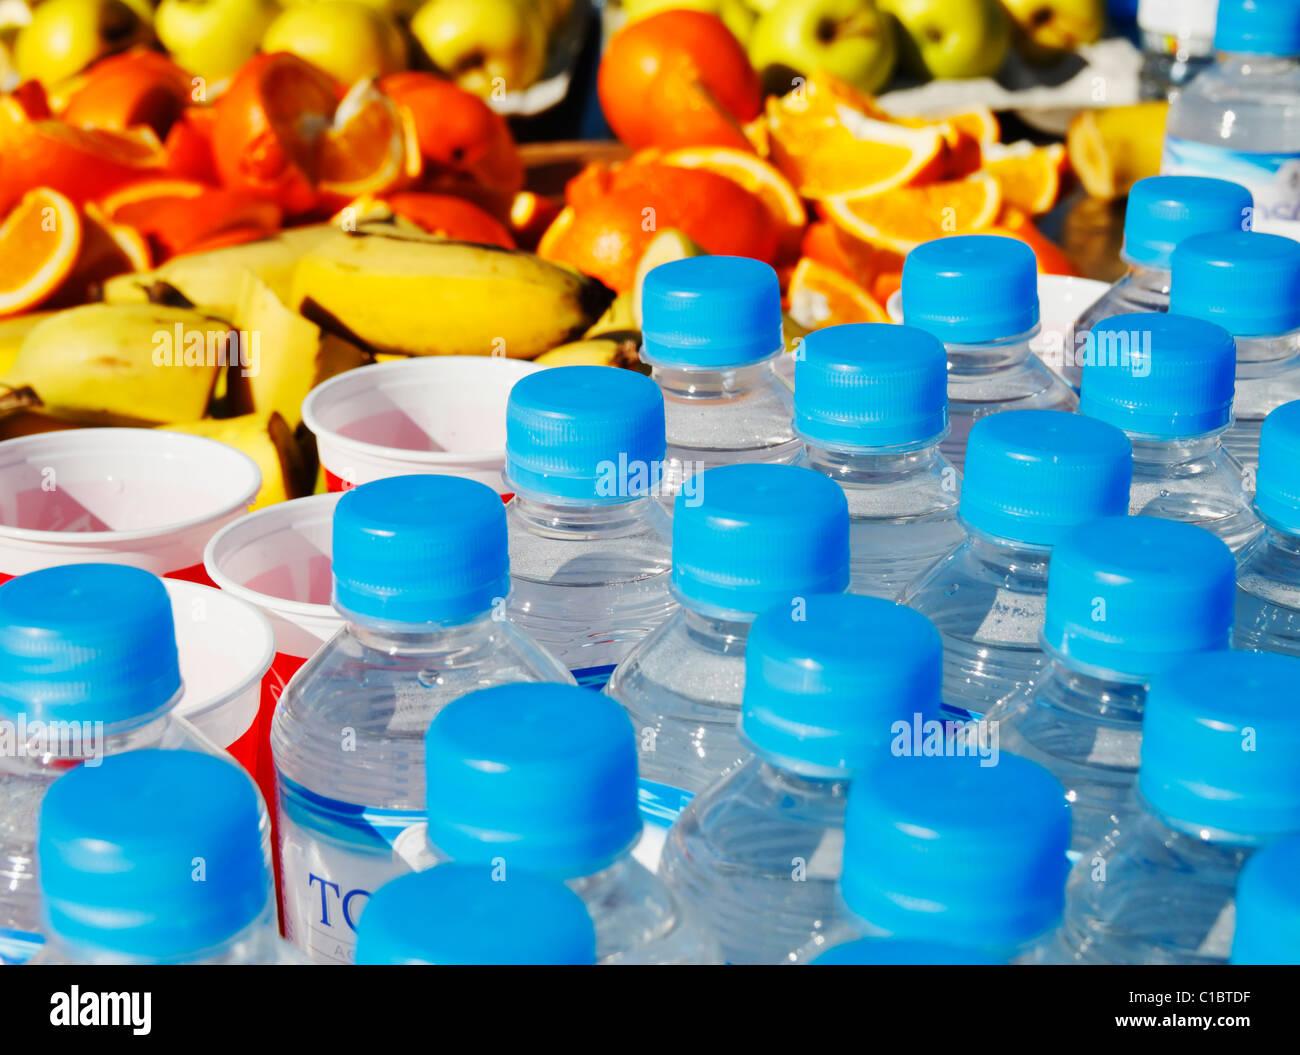 Flaschen Wasser und Obst beim Stadtmarathon feed Bahnhof Stockbild